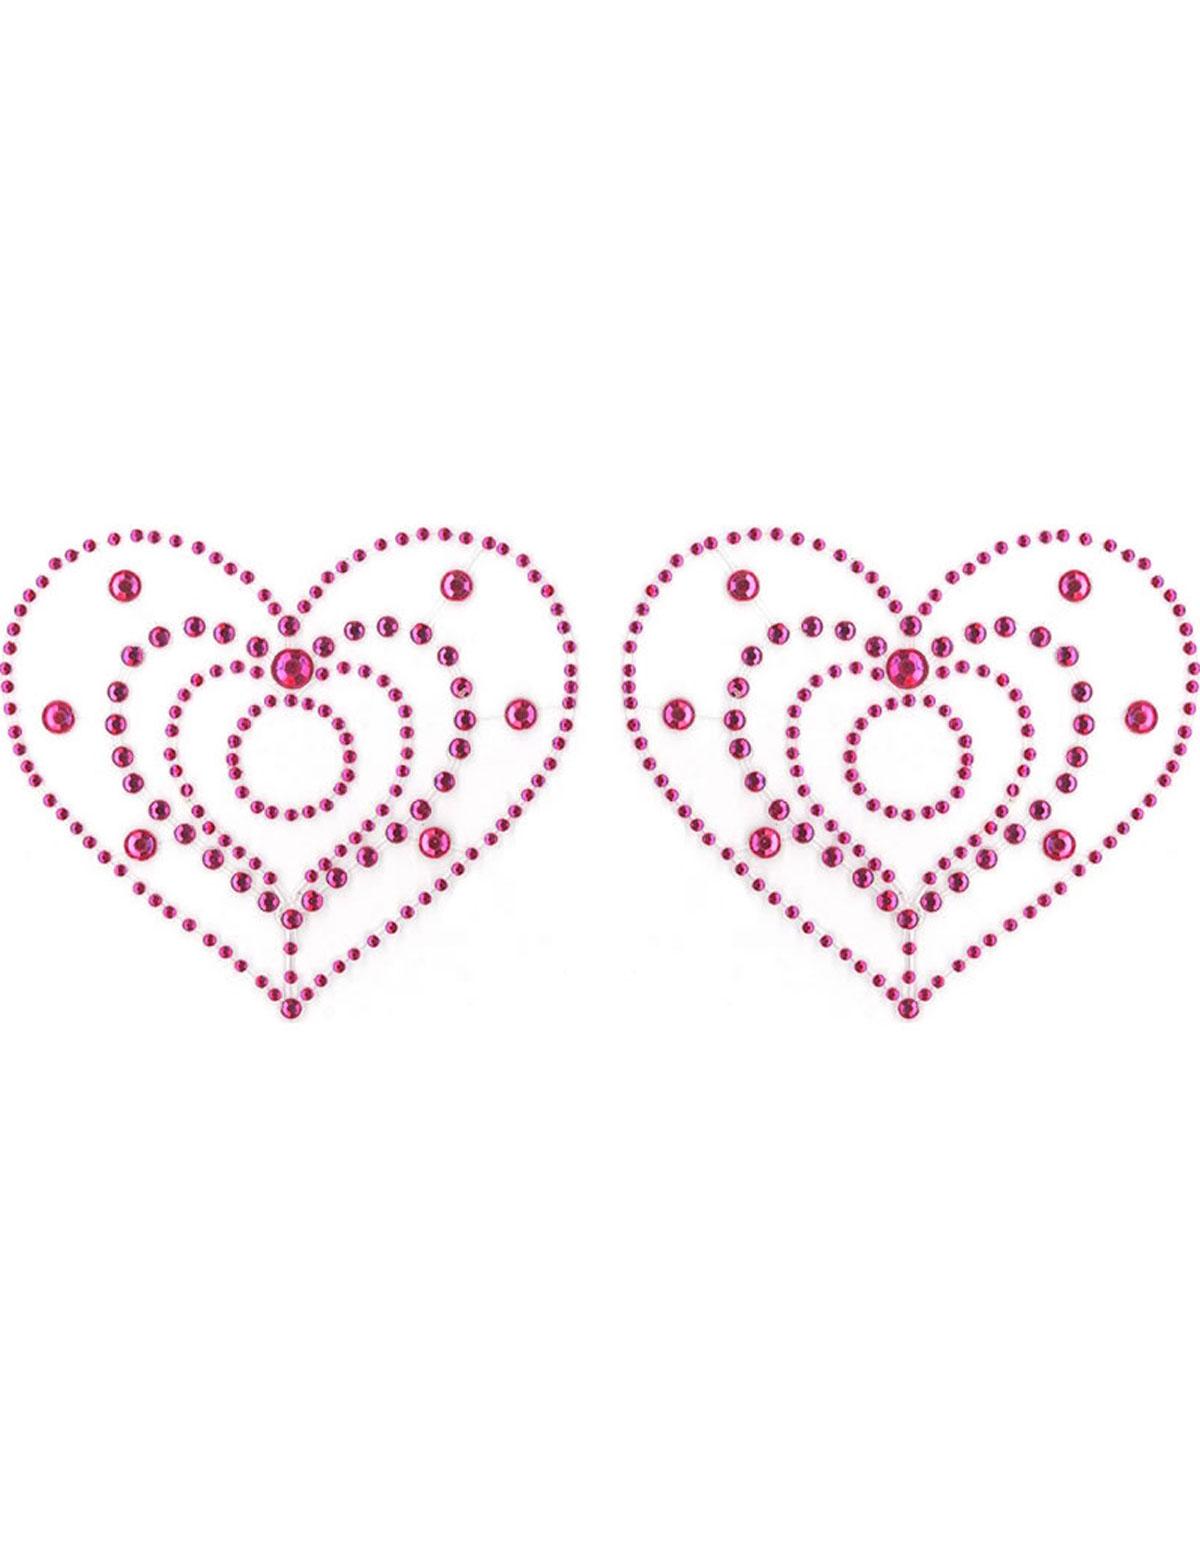 Boobie Crystals Hearts